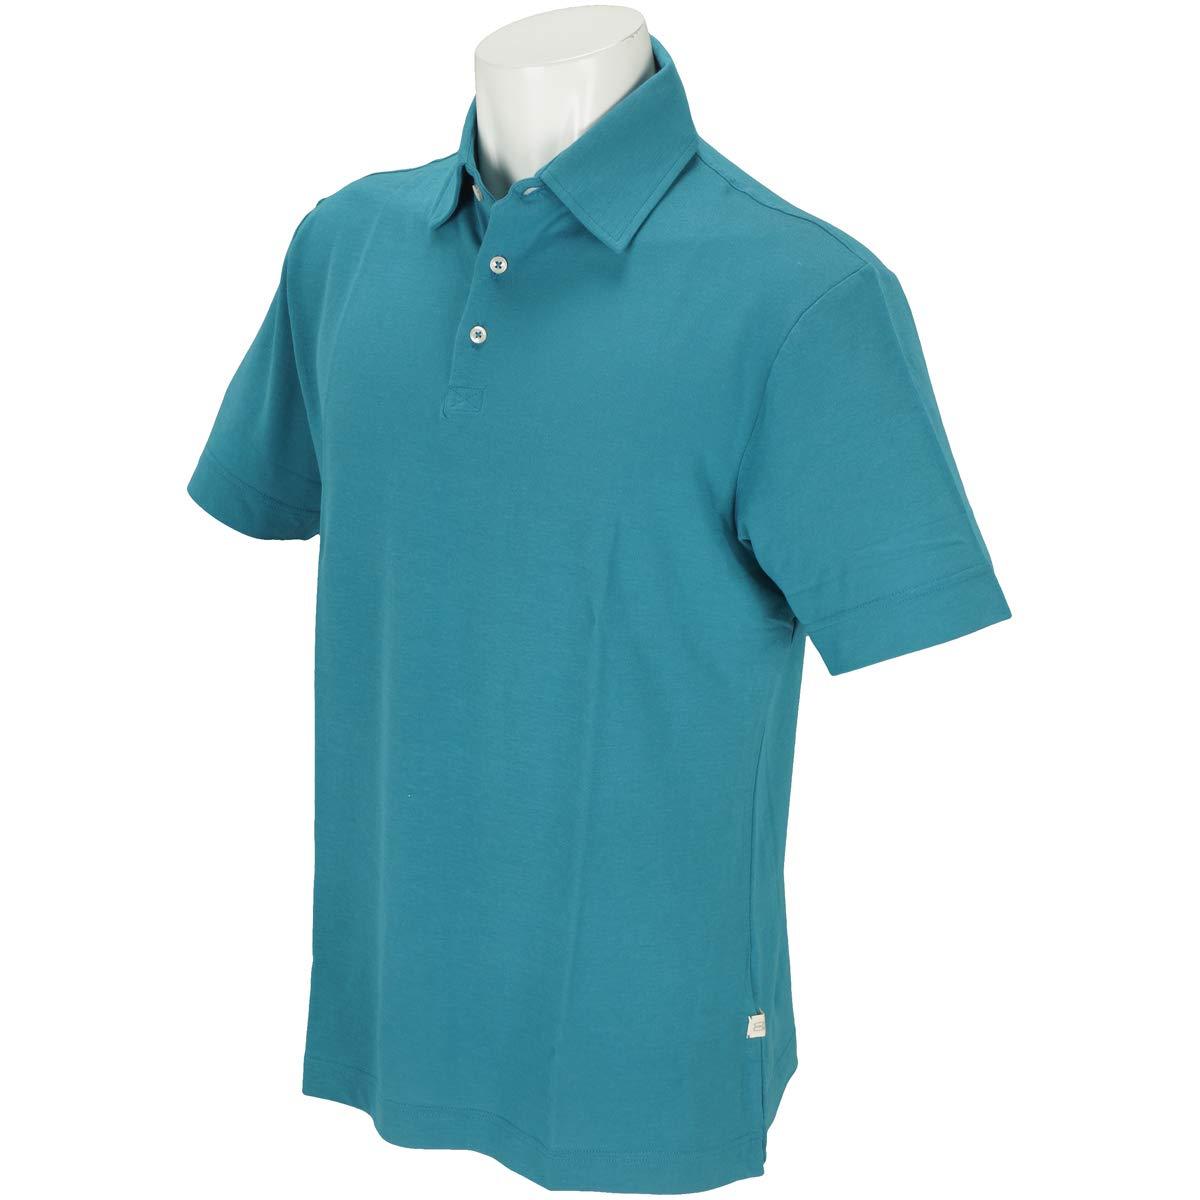 モコ MOCO 半袖シャツポロシャツ スイスコットン半袖ポロシャツ L ブルー B07QP8V3G5